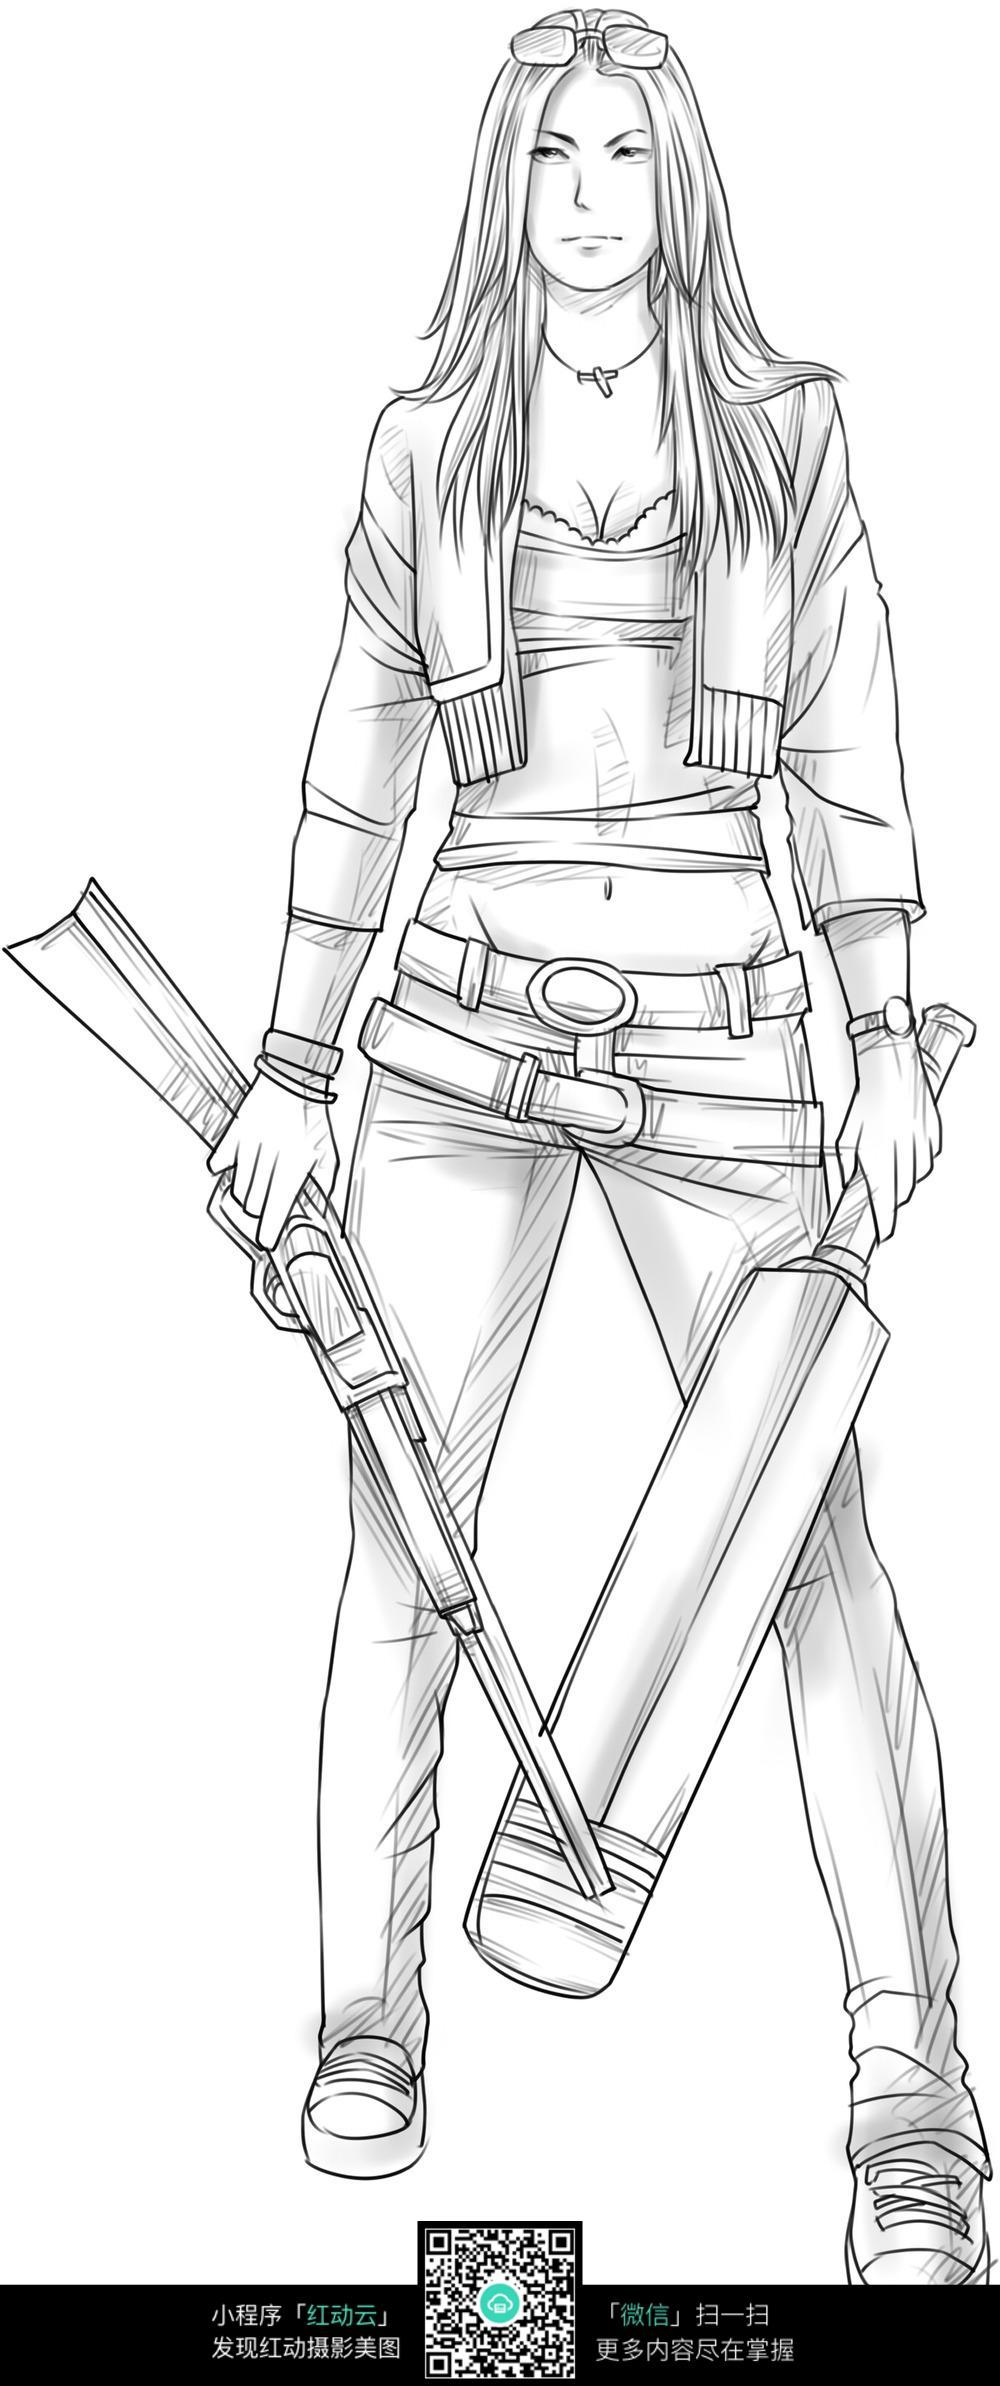 武器 女孩 卡通 手绘线稿 卡通人物 漫画  卡通素材  插画 人物素材